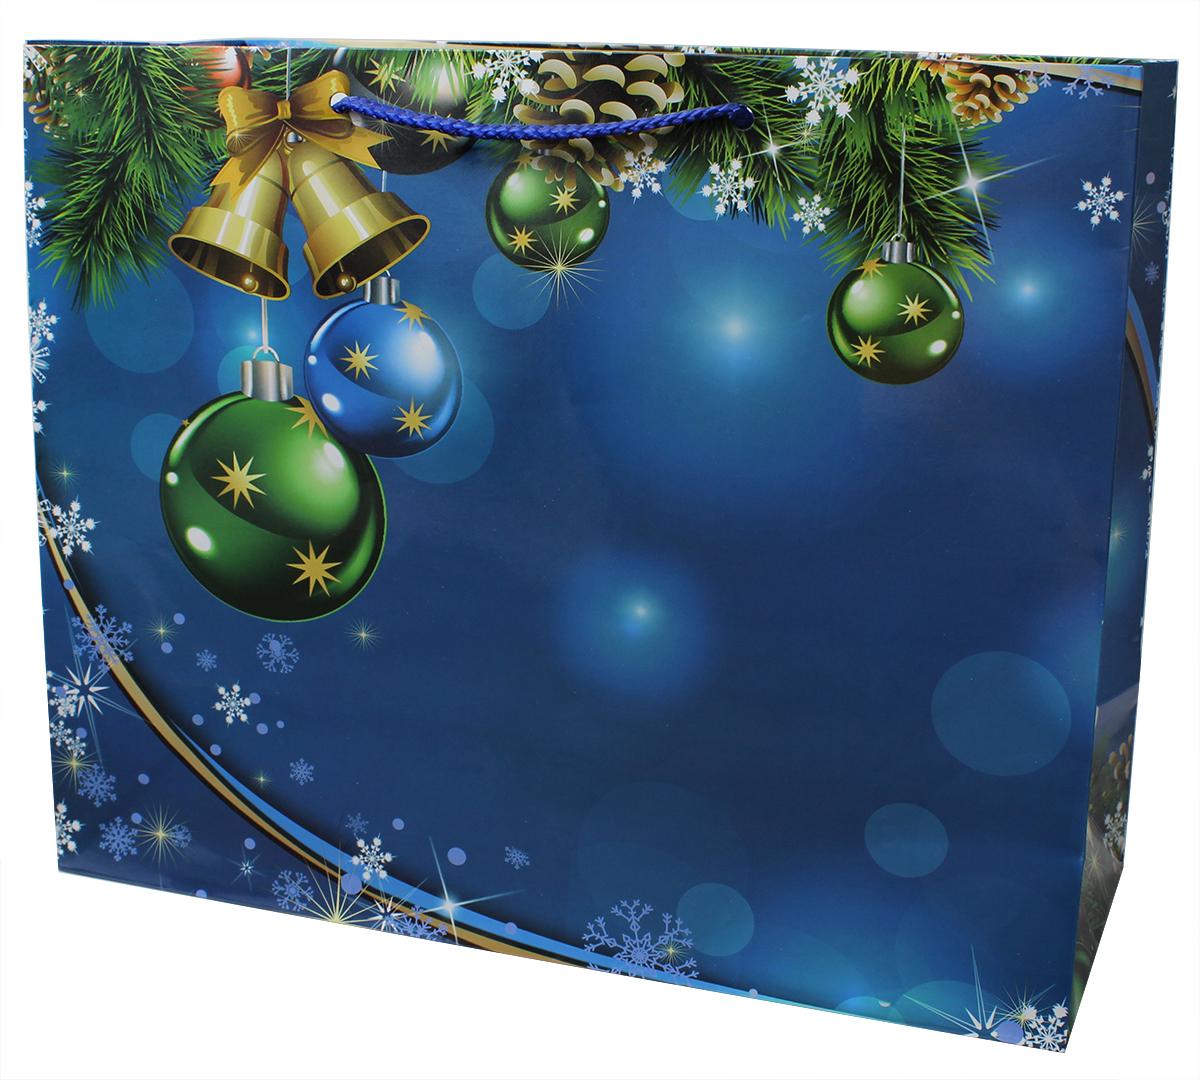 Подарочный пакет, изготовленный из плотной бумаги, станет незаменимым дополнением к выбранному подарку. Пакет подарочный ламинированный. Ручки-шнурки.